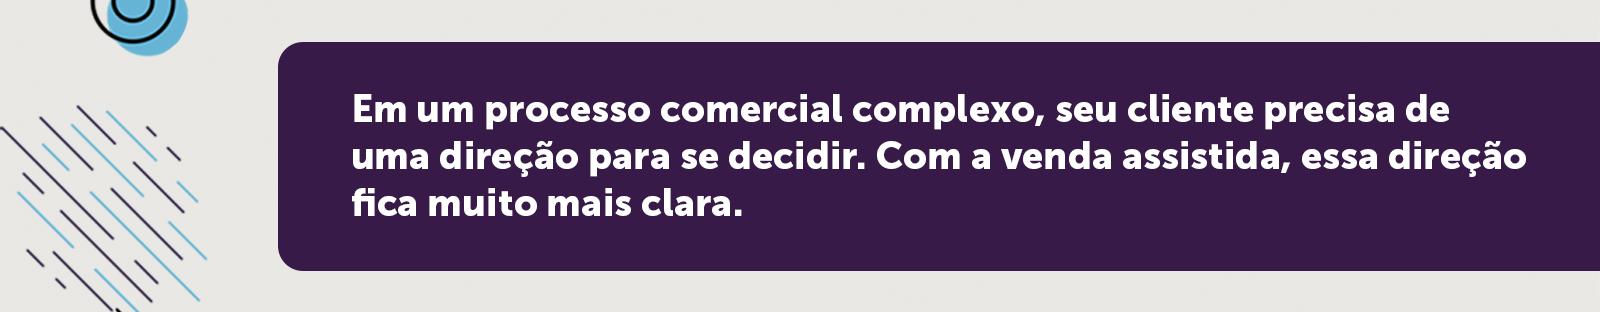 Venda assistida para processos comerciais complexos